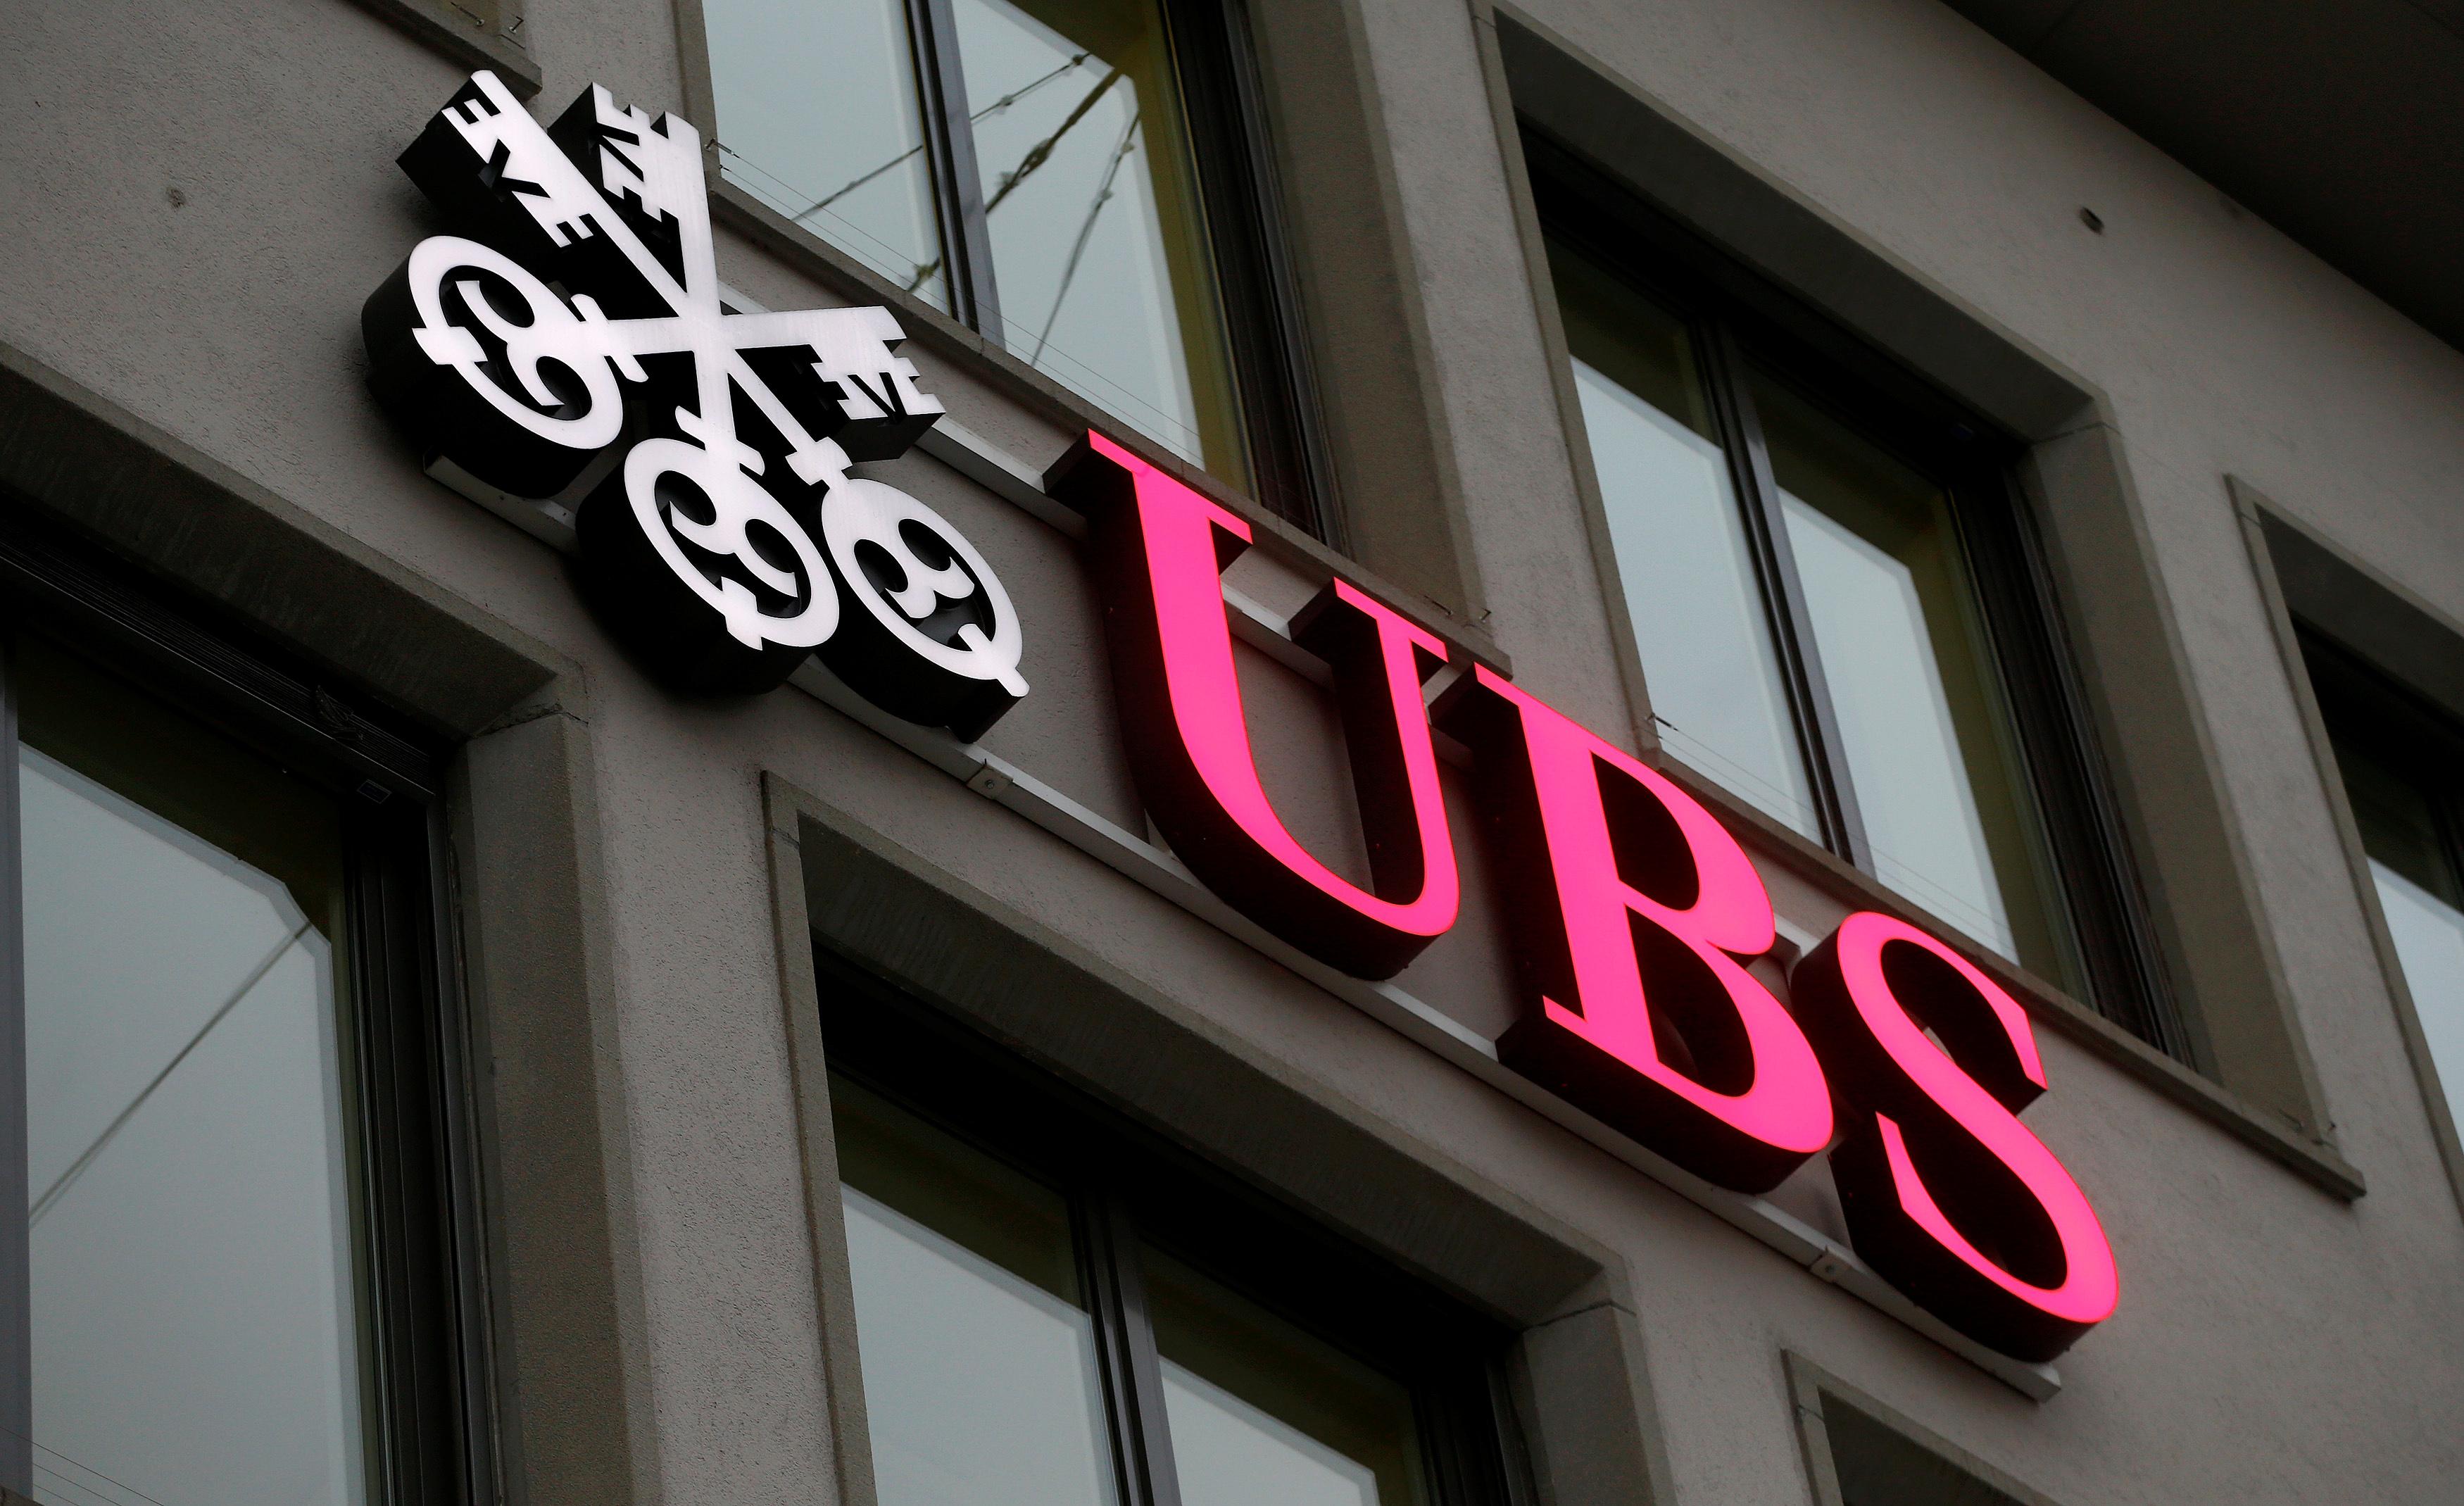 ubs-souhaite-elargir-son-offre-aux-riches-expatries-us-en-suisse